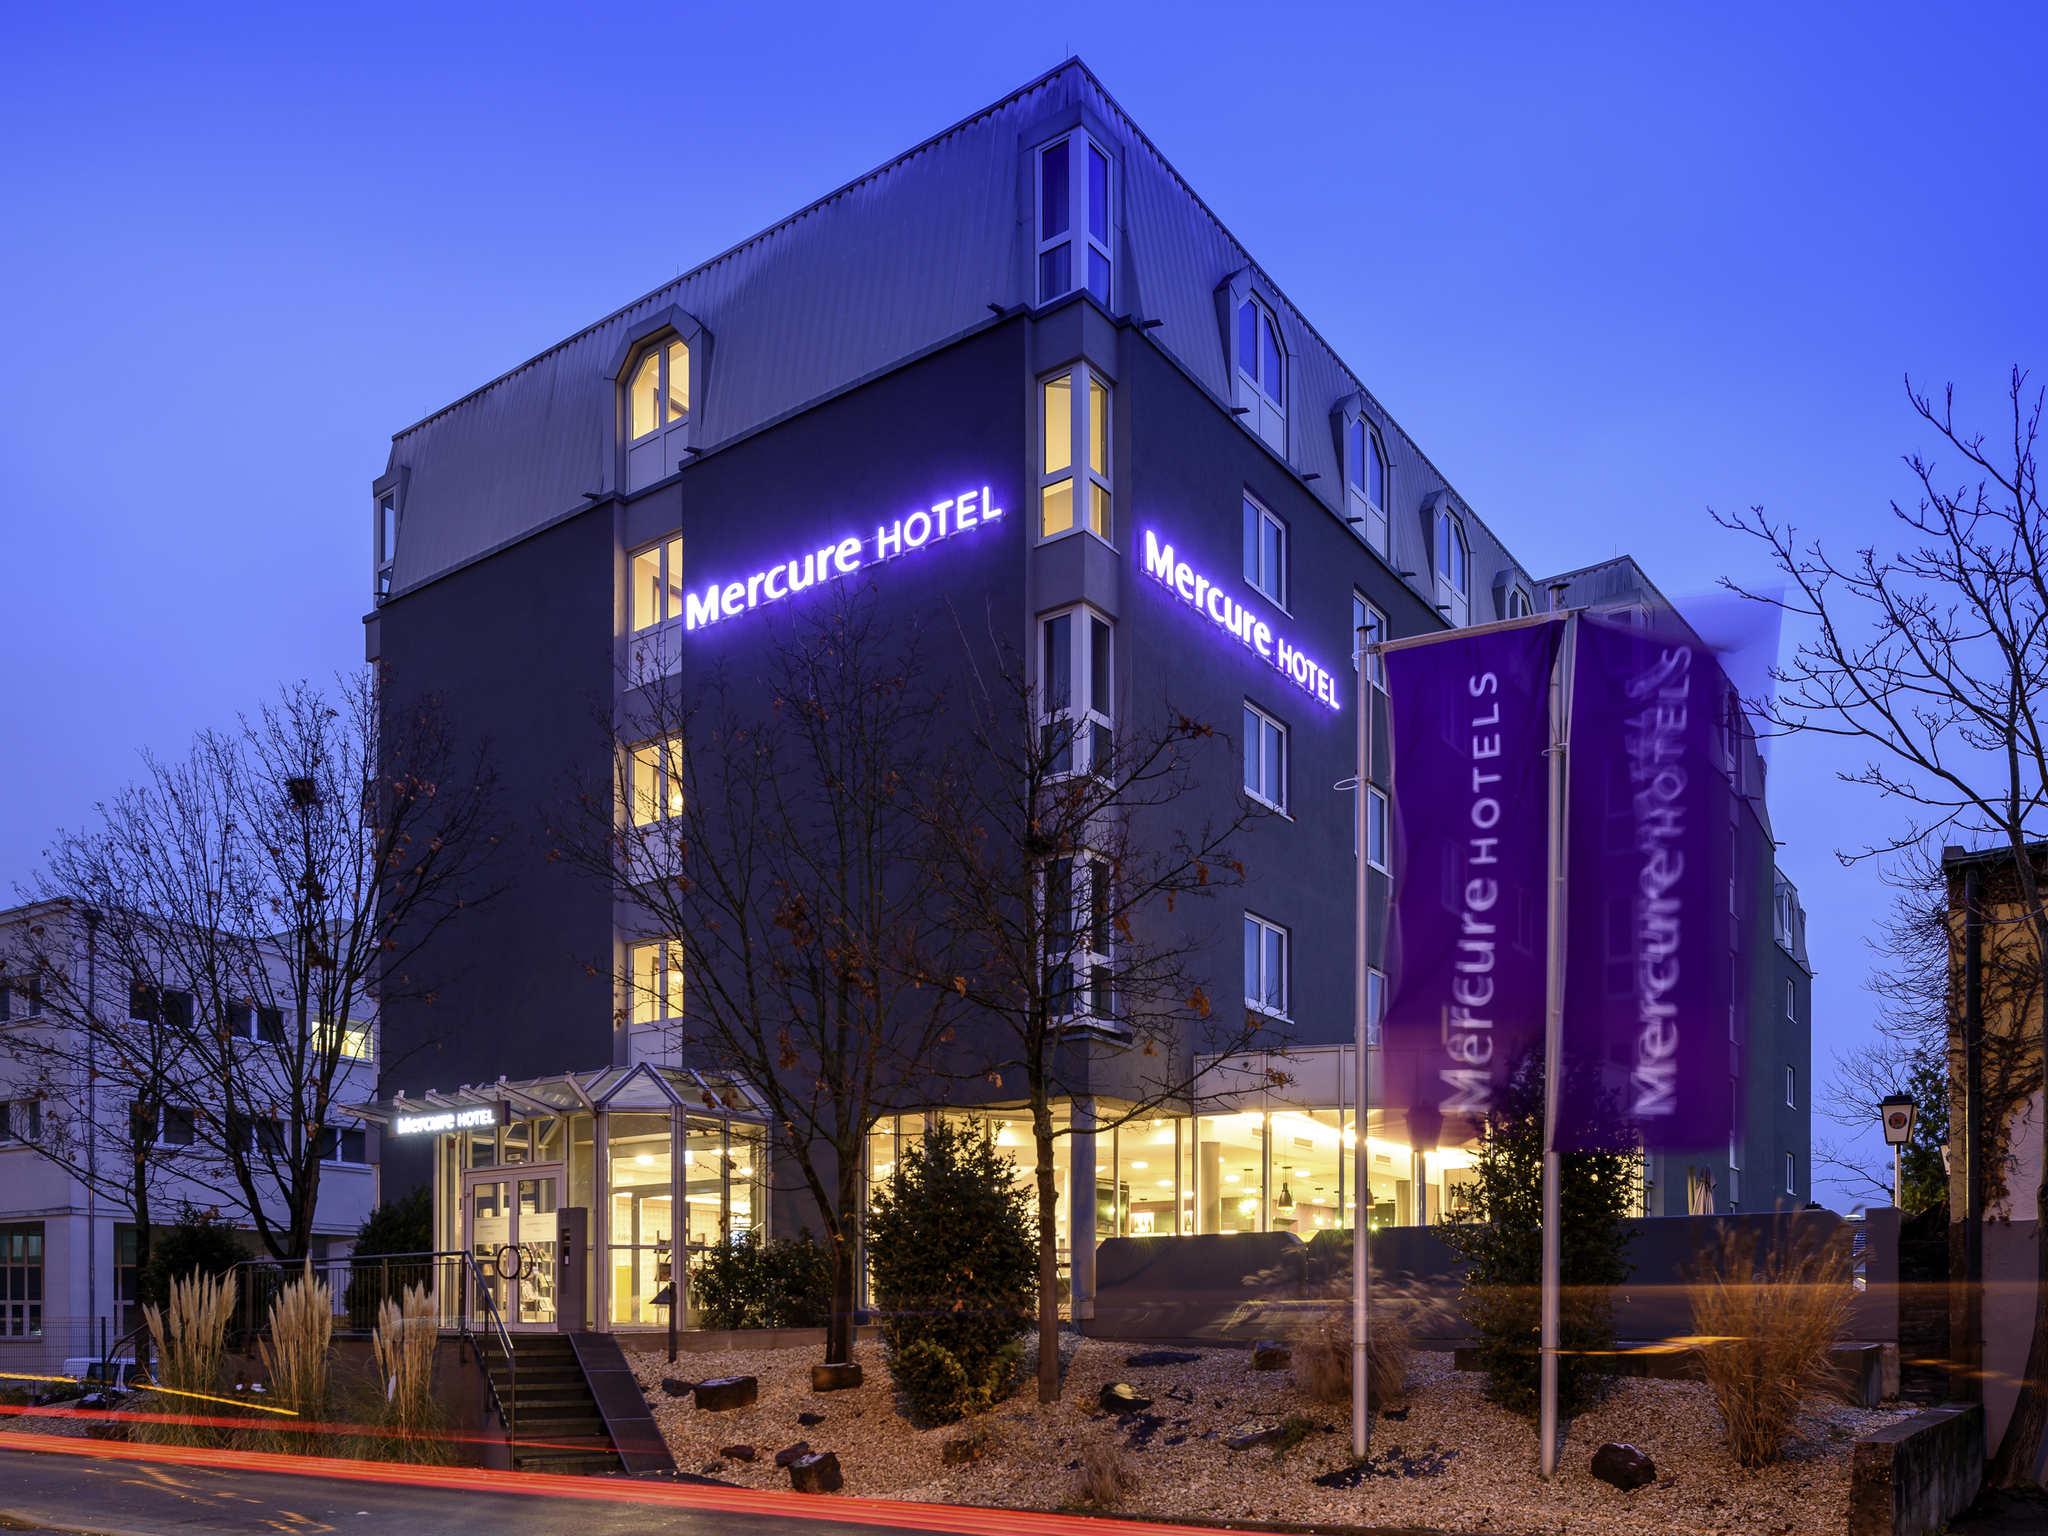 Hotell – Mercure Hotel Stuttgart Zuffenhausen (öppnar i augusti 2017)